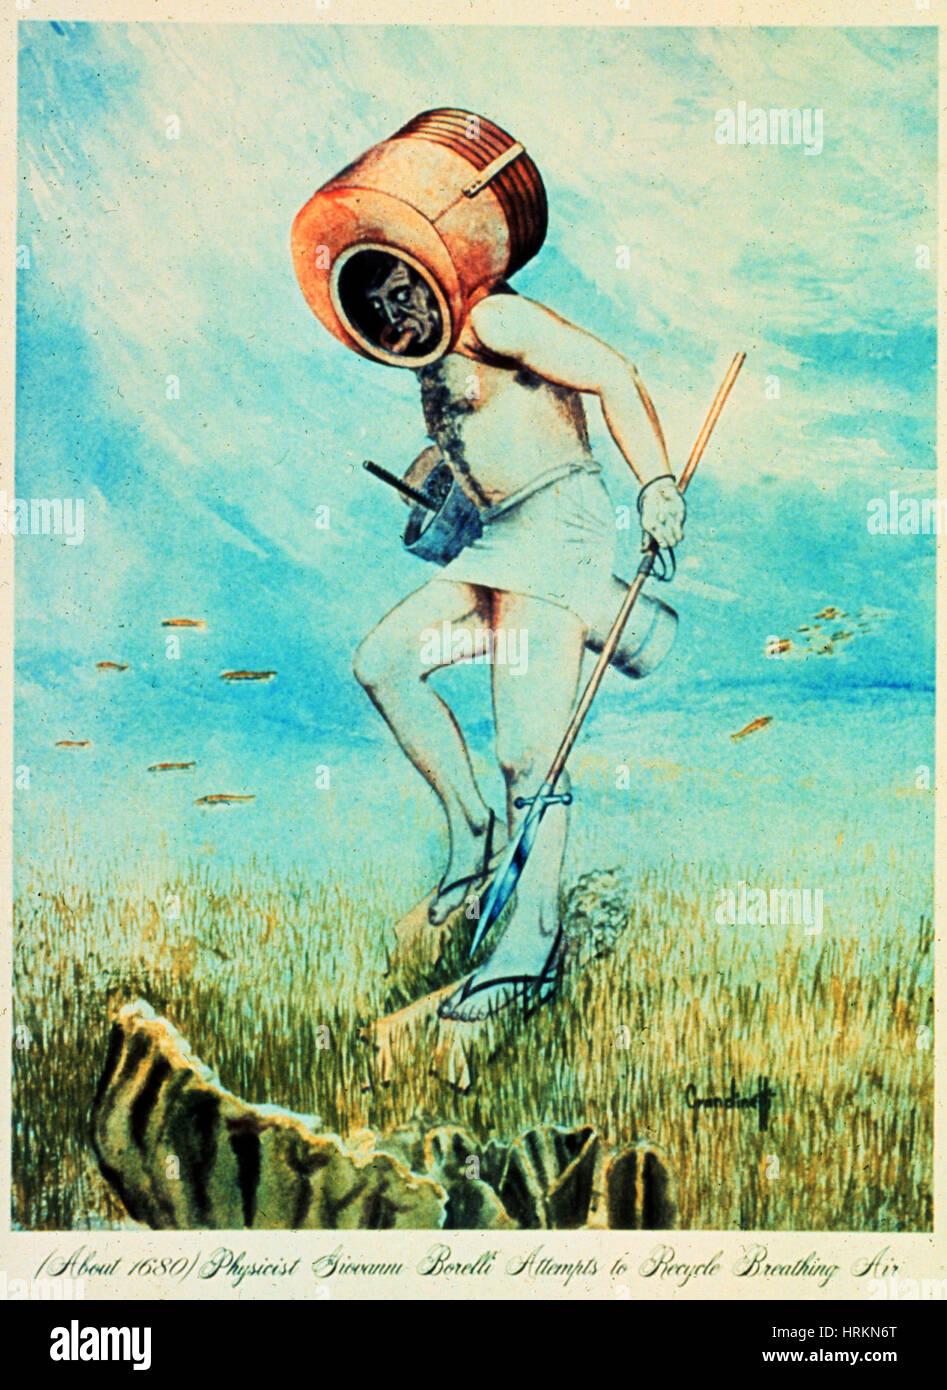 Giovanni Borelli Underwater Imagen De Stock